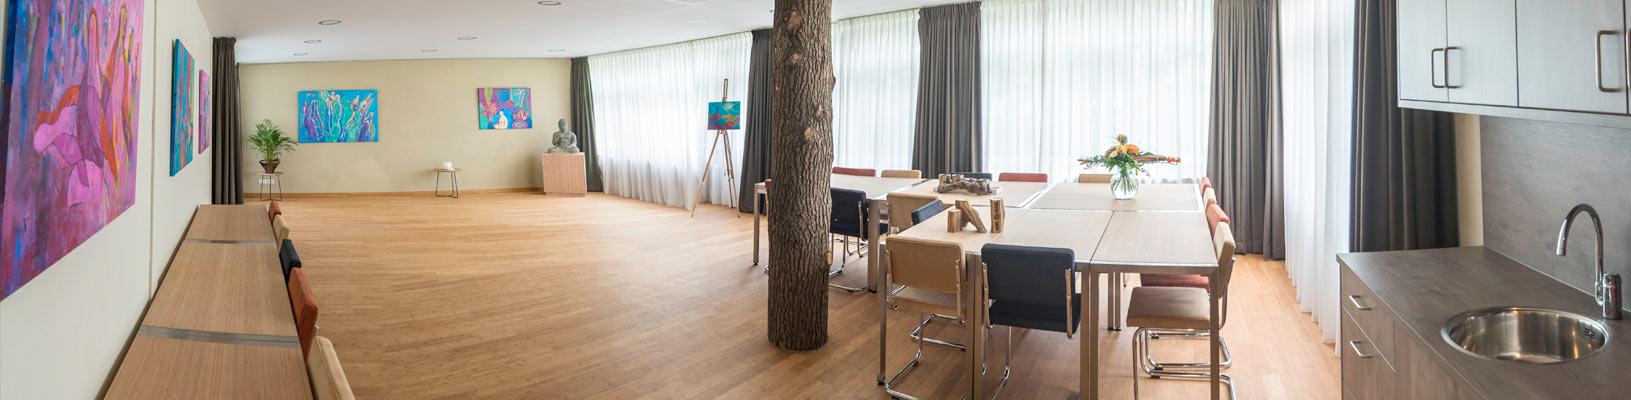 Massageschool Zutphen HeelHuus Gezondheidscentrum Warnsveld Zutphen